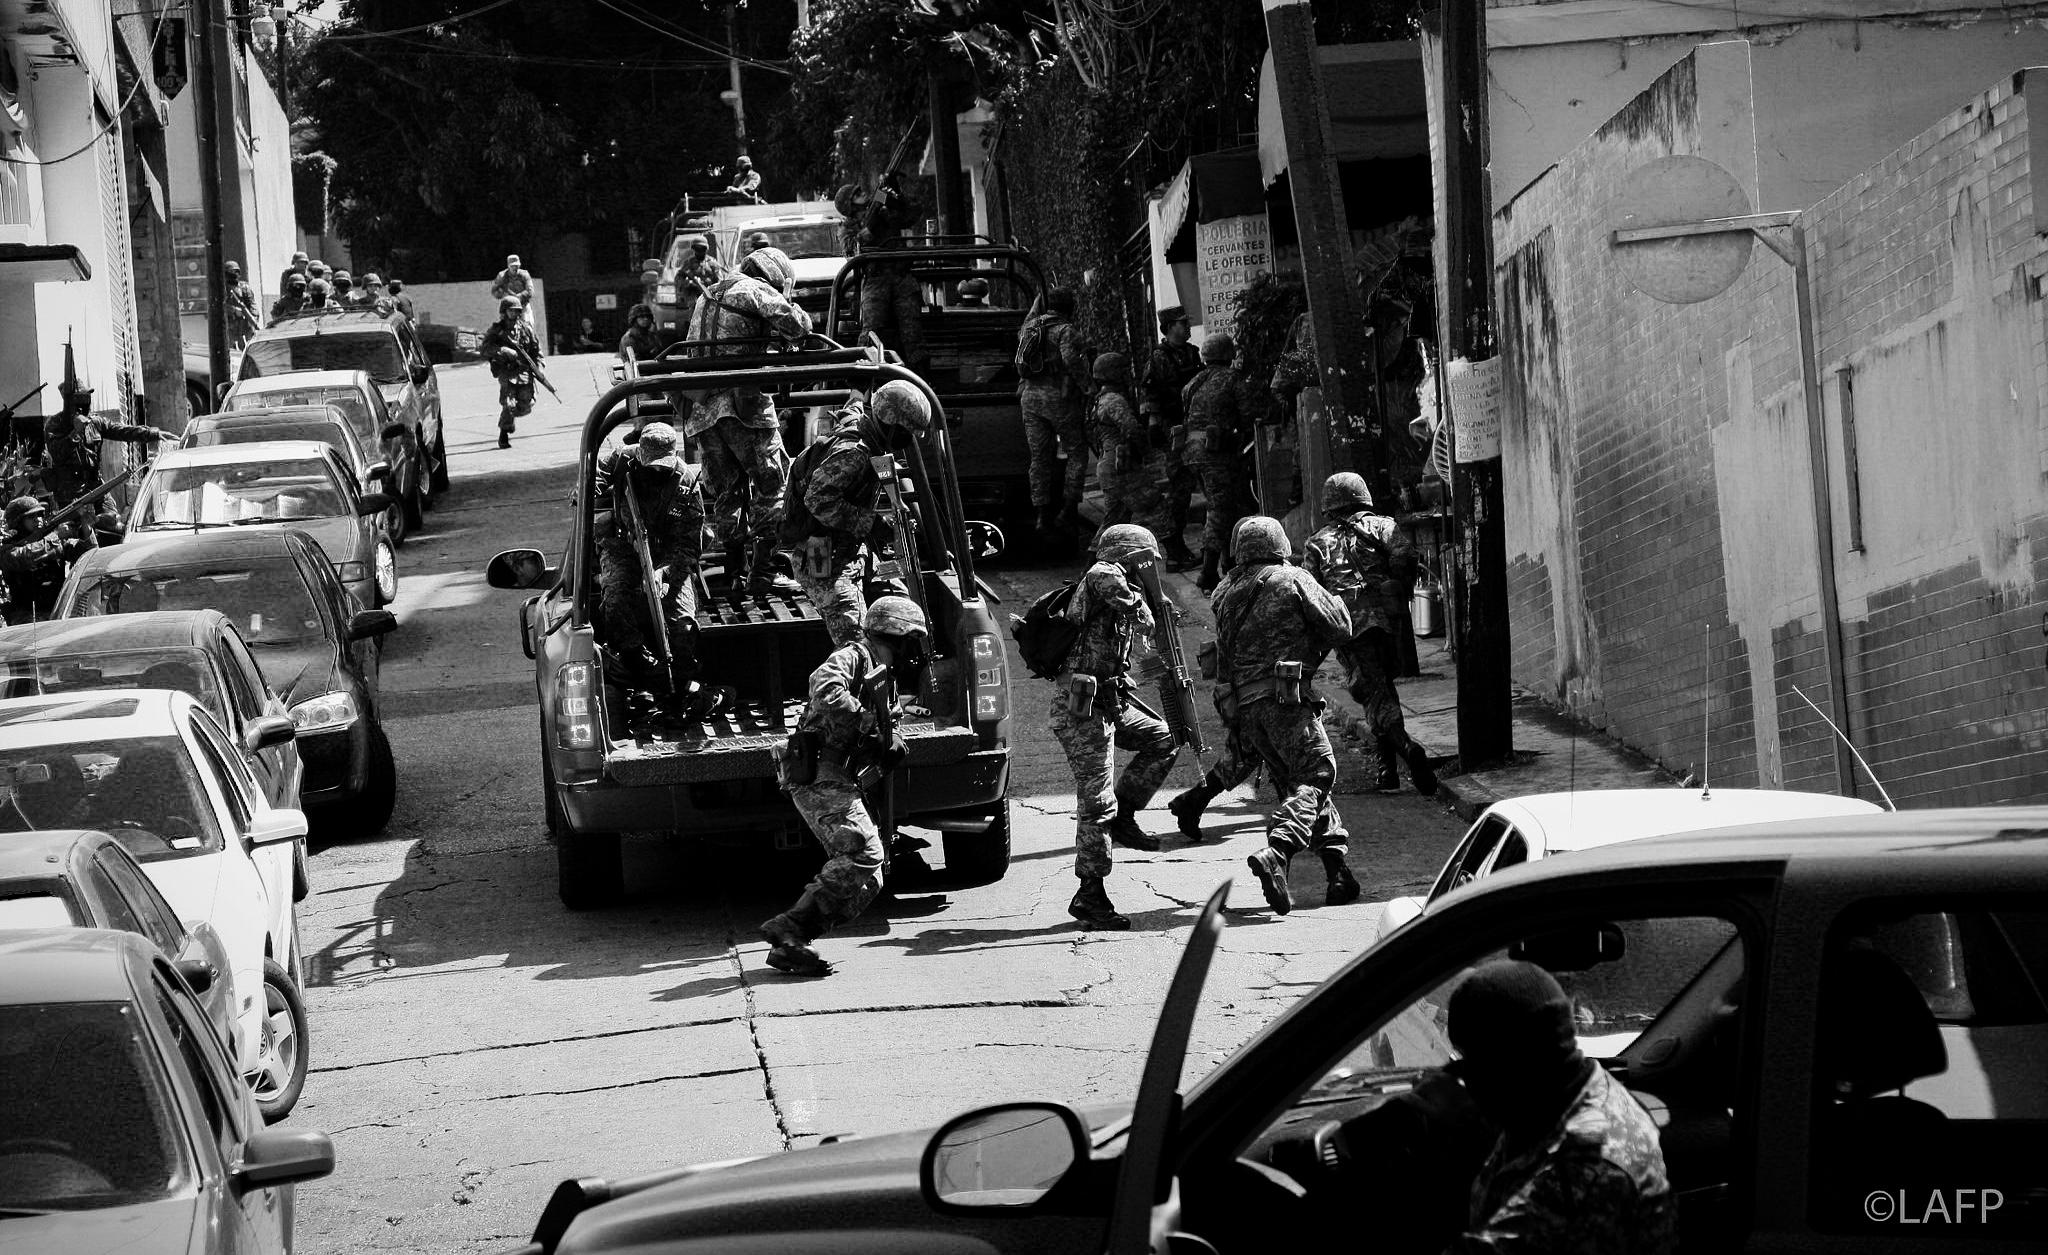 Guerra contra el narco detonó secuestros y extorsiones